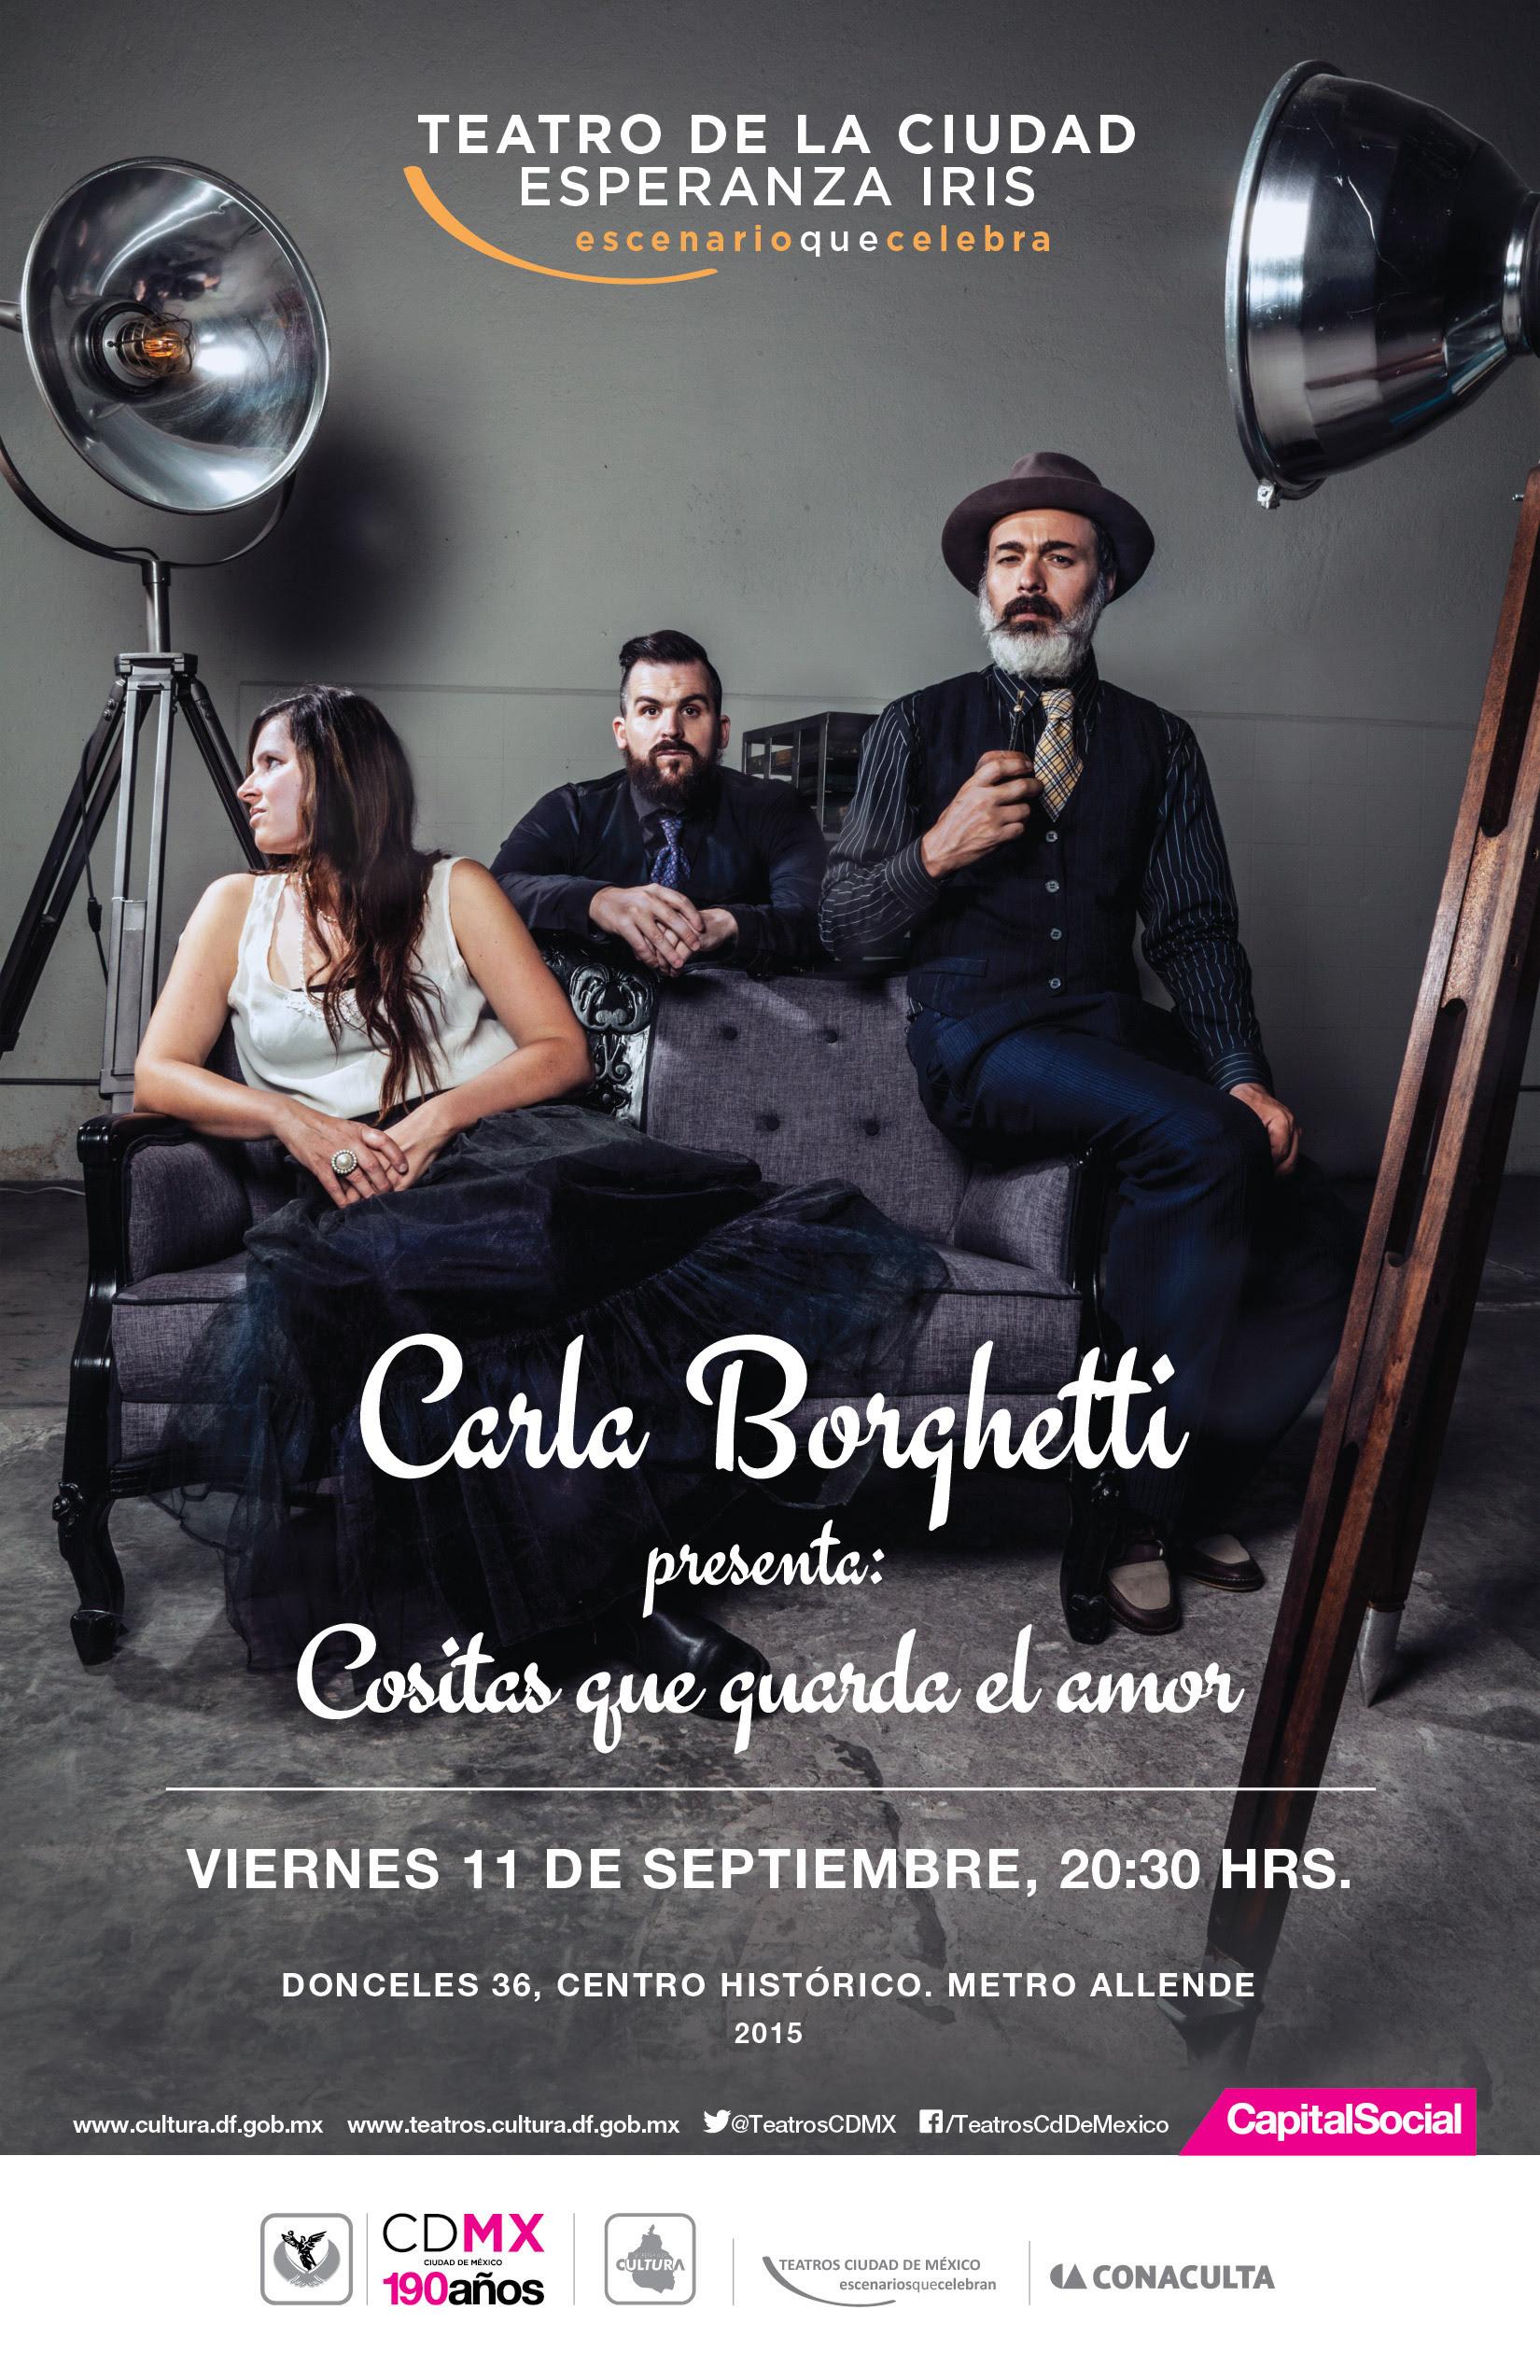 Carla Borghetti Teatro de la Ciudad 2015